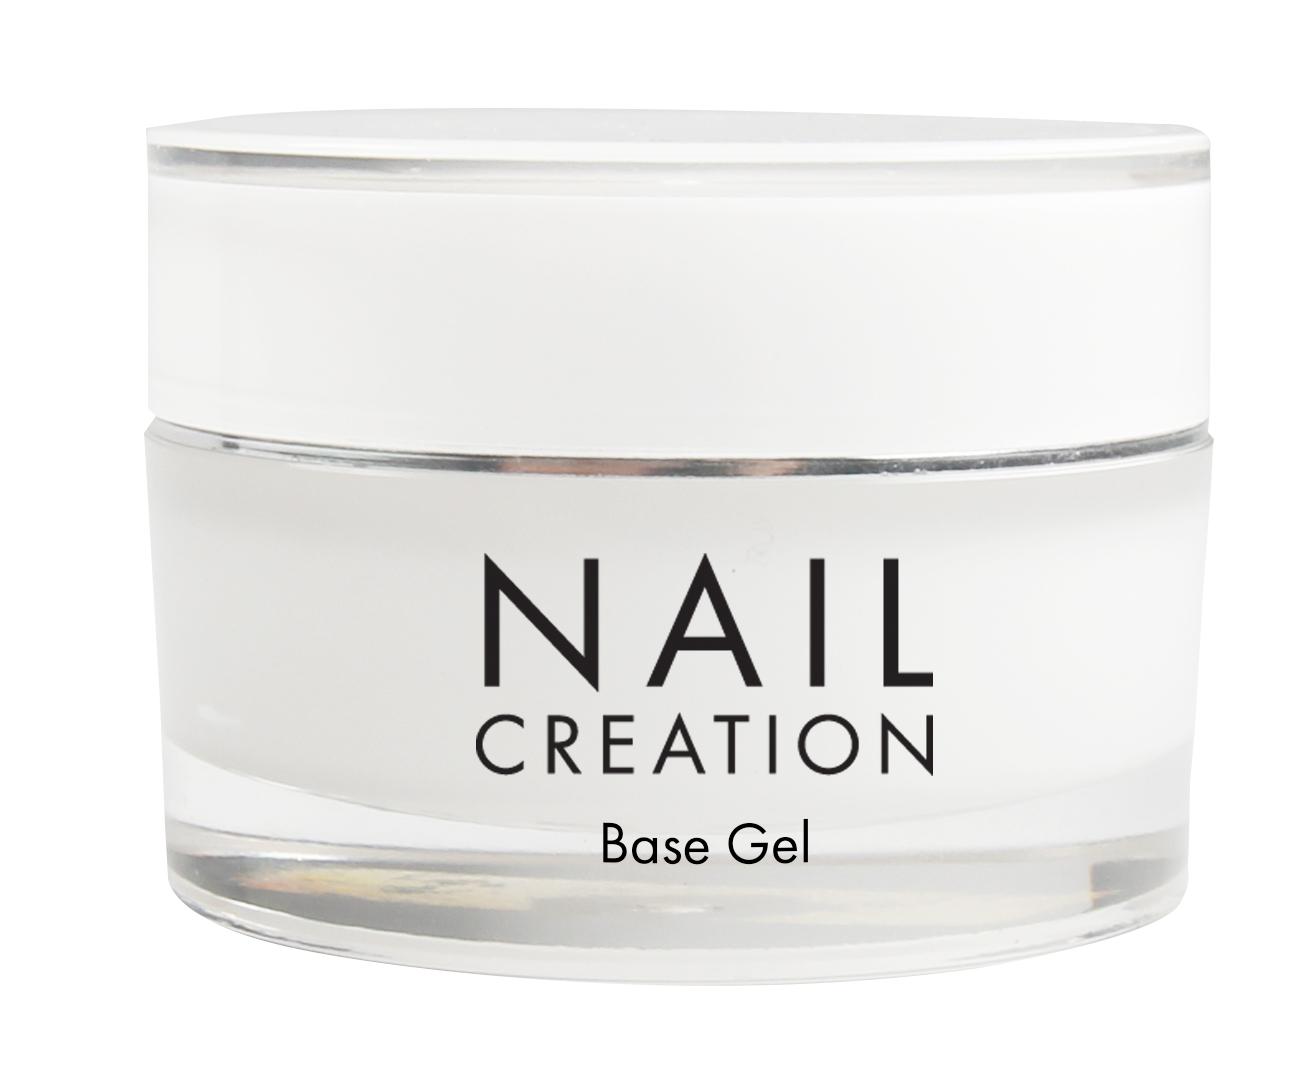 Afbeelding van Nail Creation - Base Gel